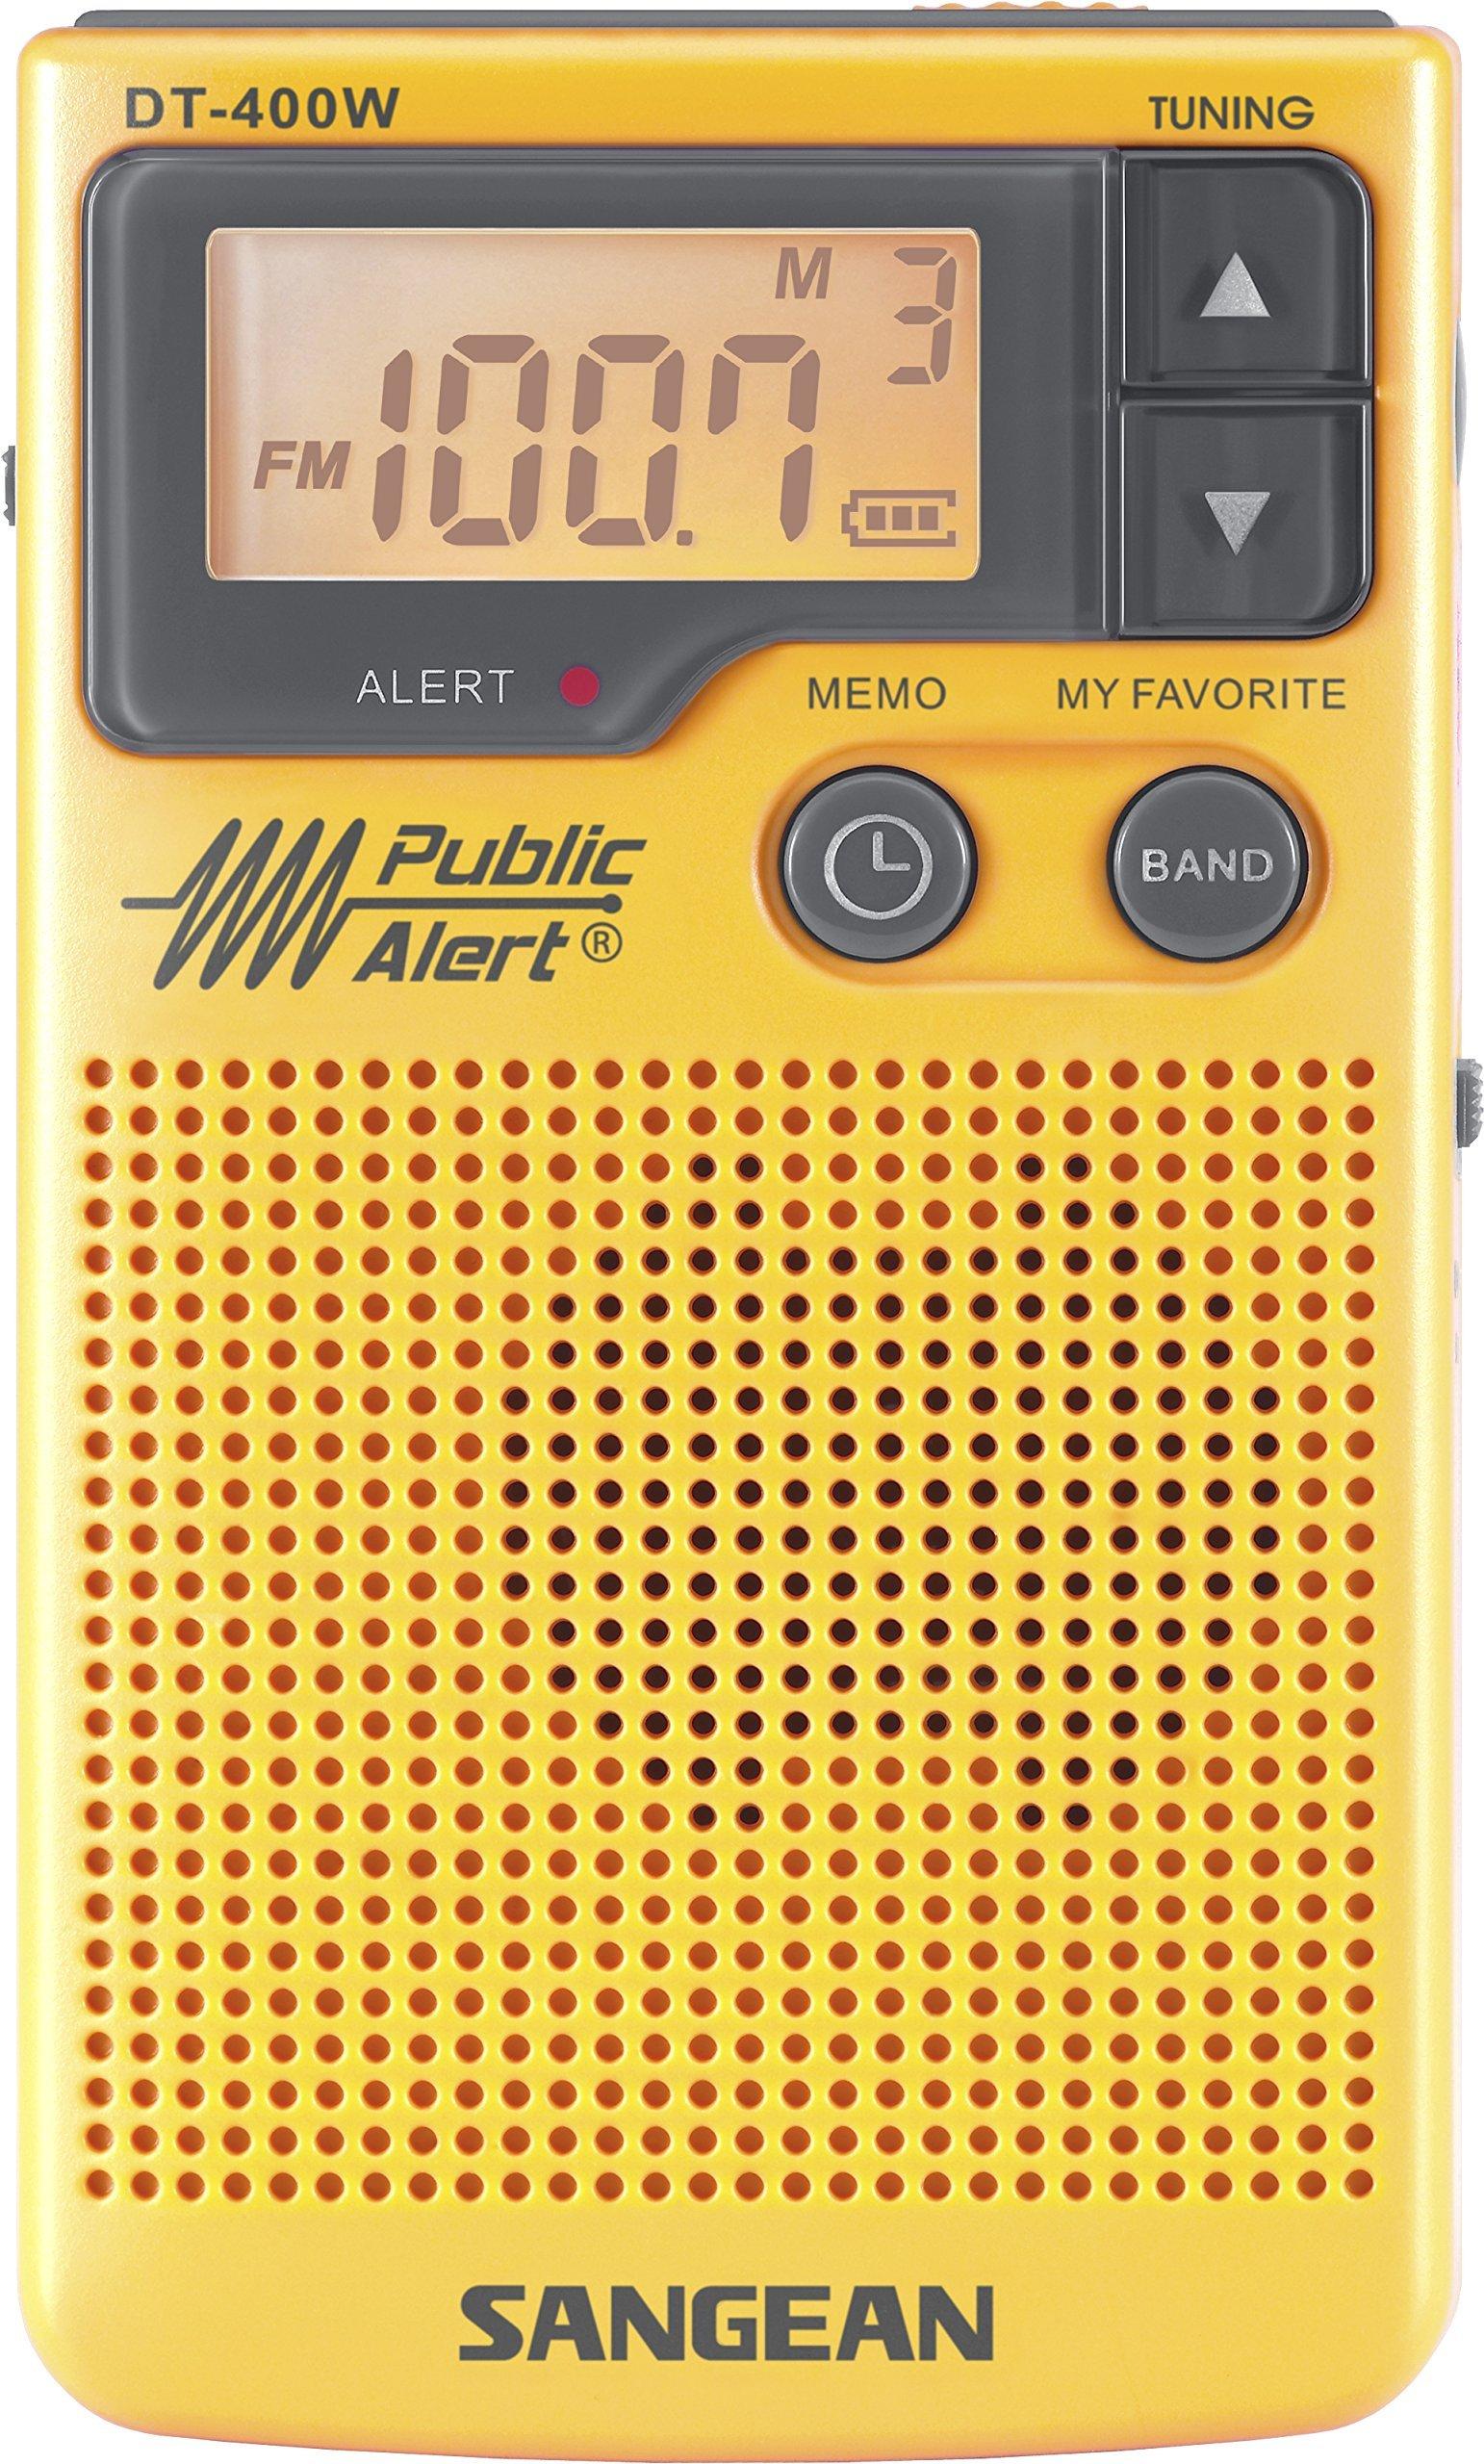 Sangean DT-400W AM/FM Digital Weather Alert Pocket Radio (Renewed)